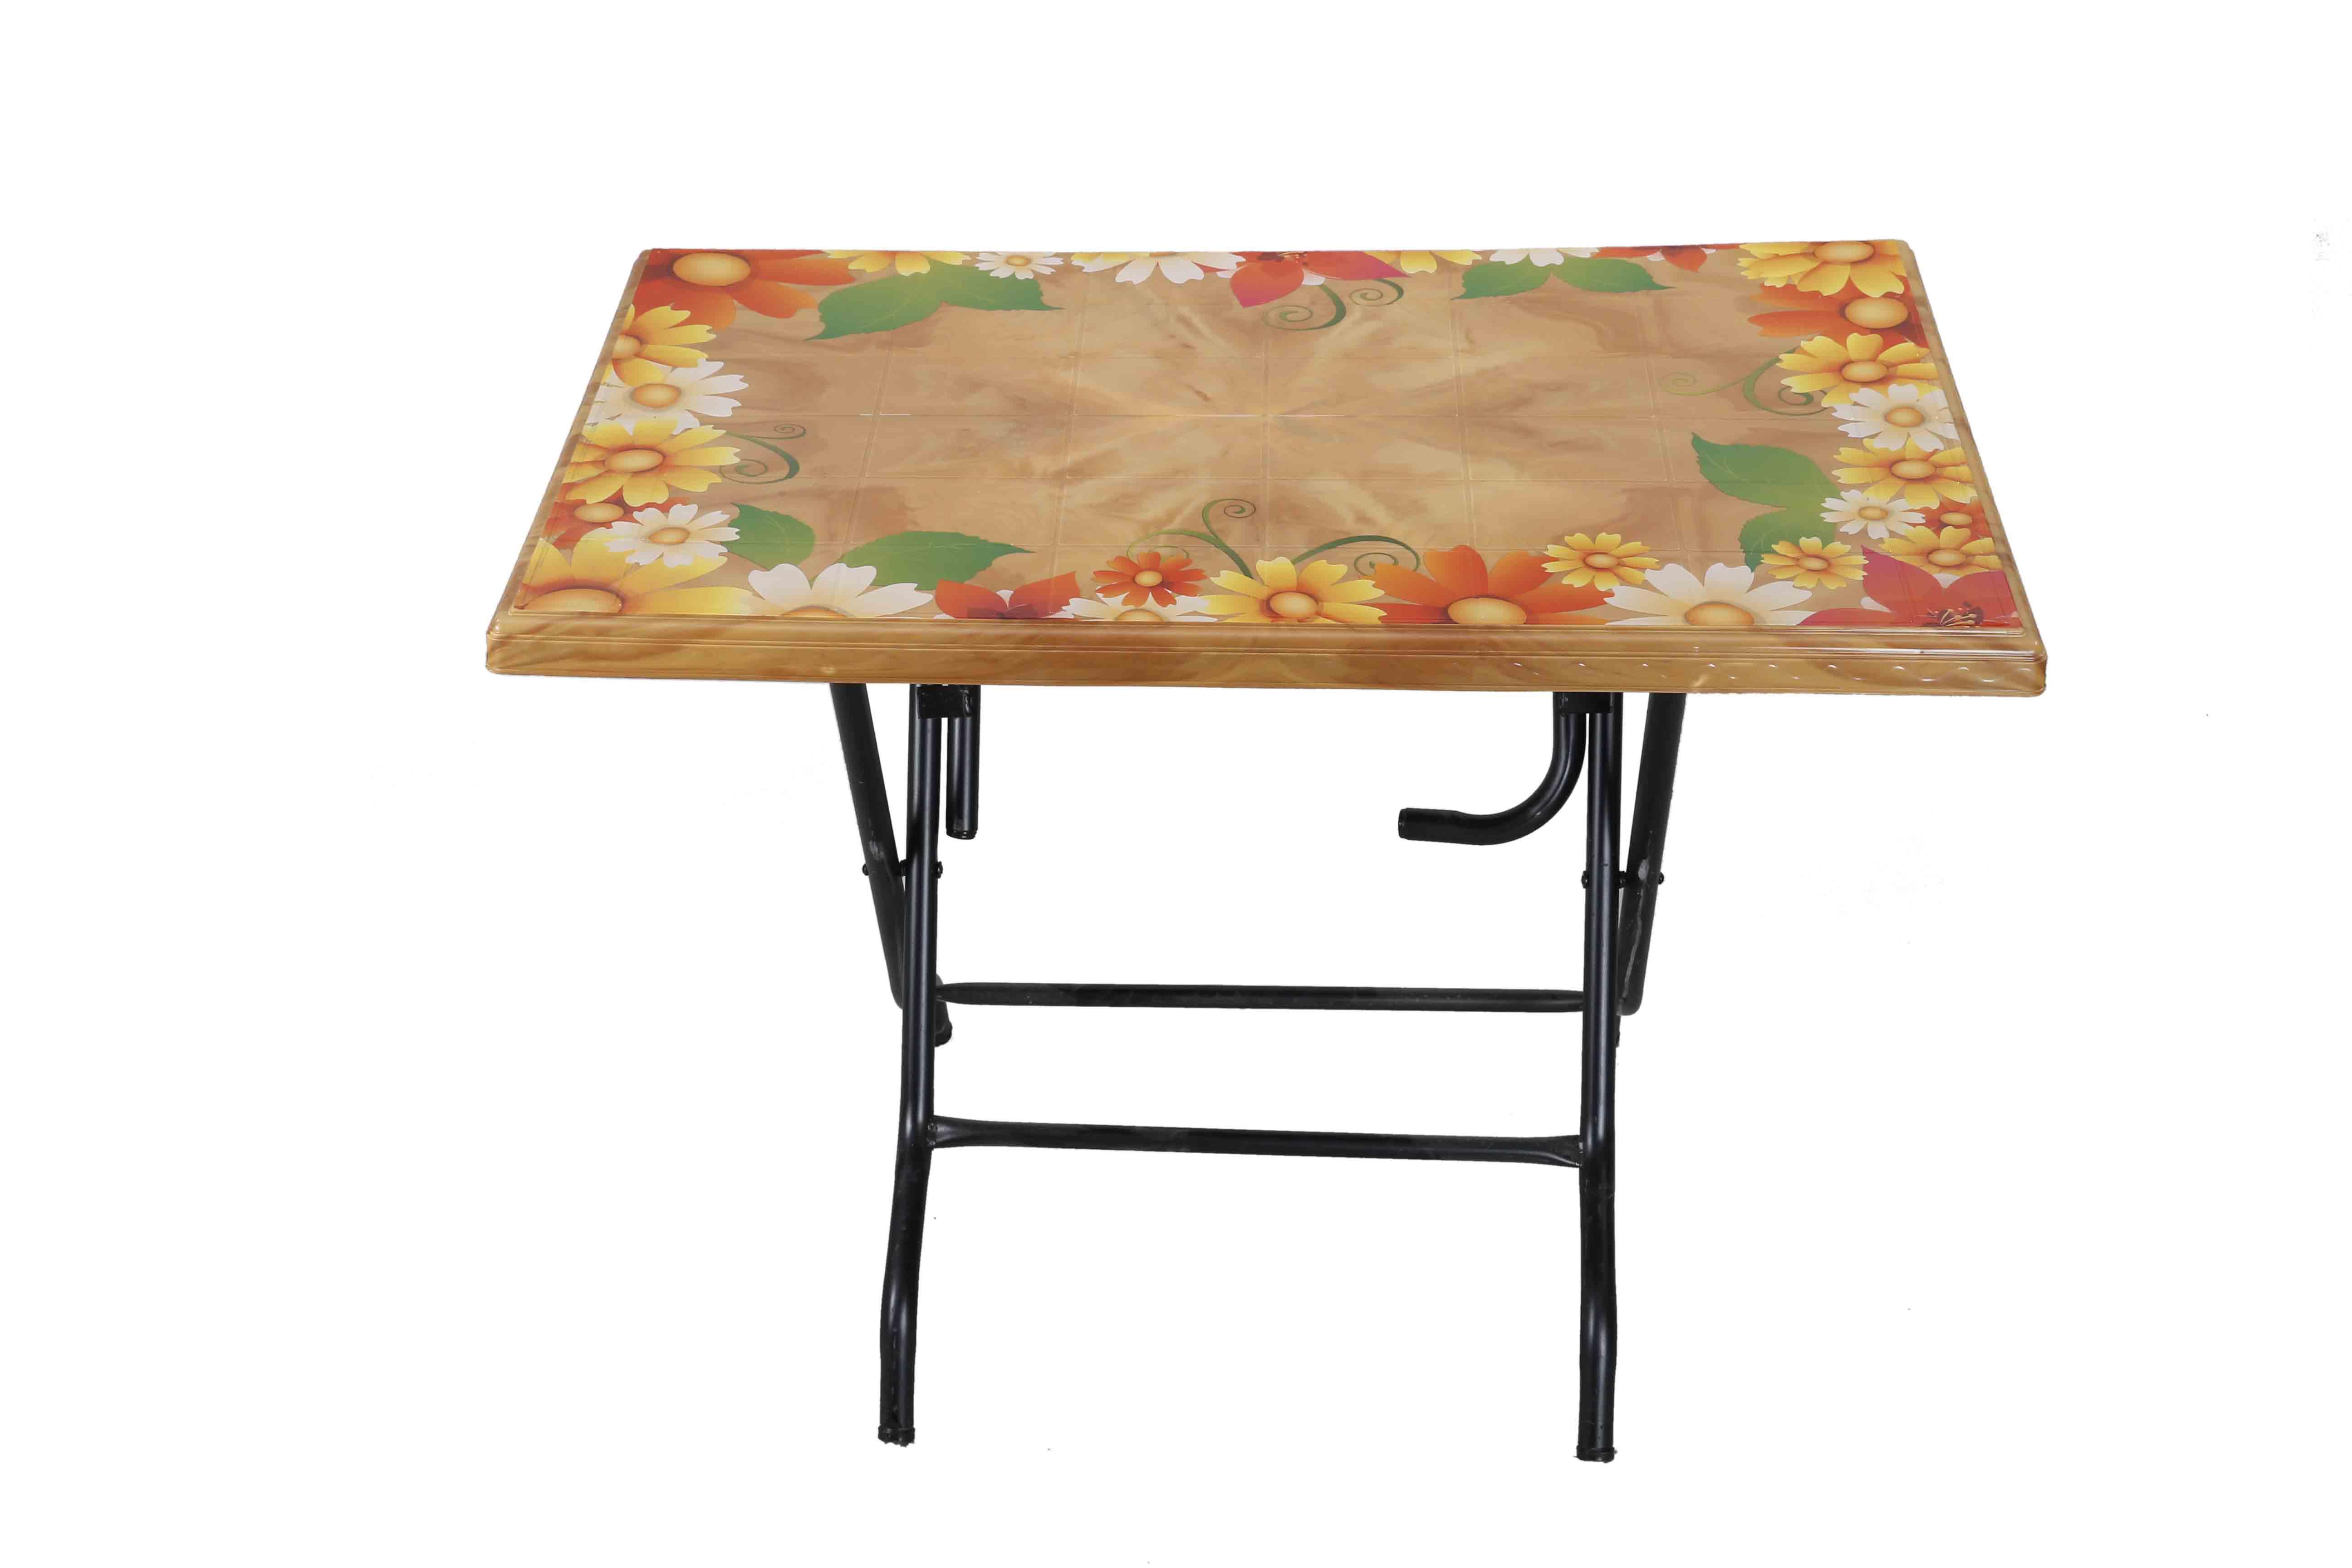 Restaurant Table StLeg Printed Sunflower – S.Wood